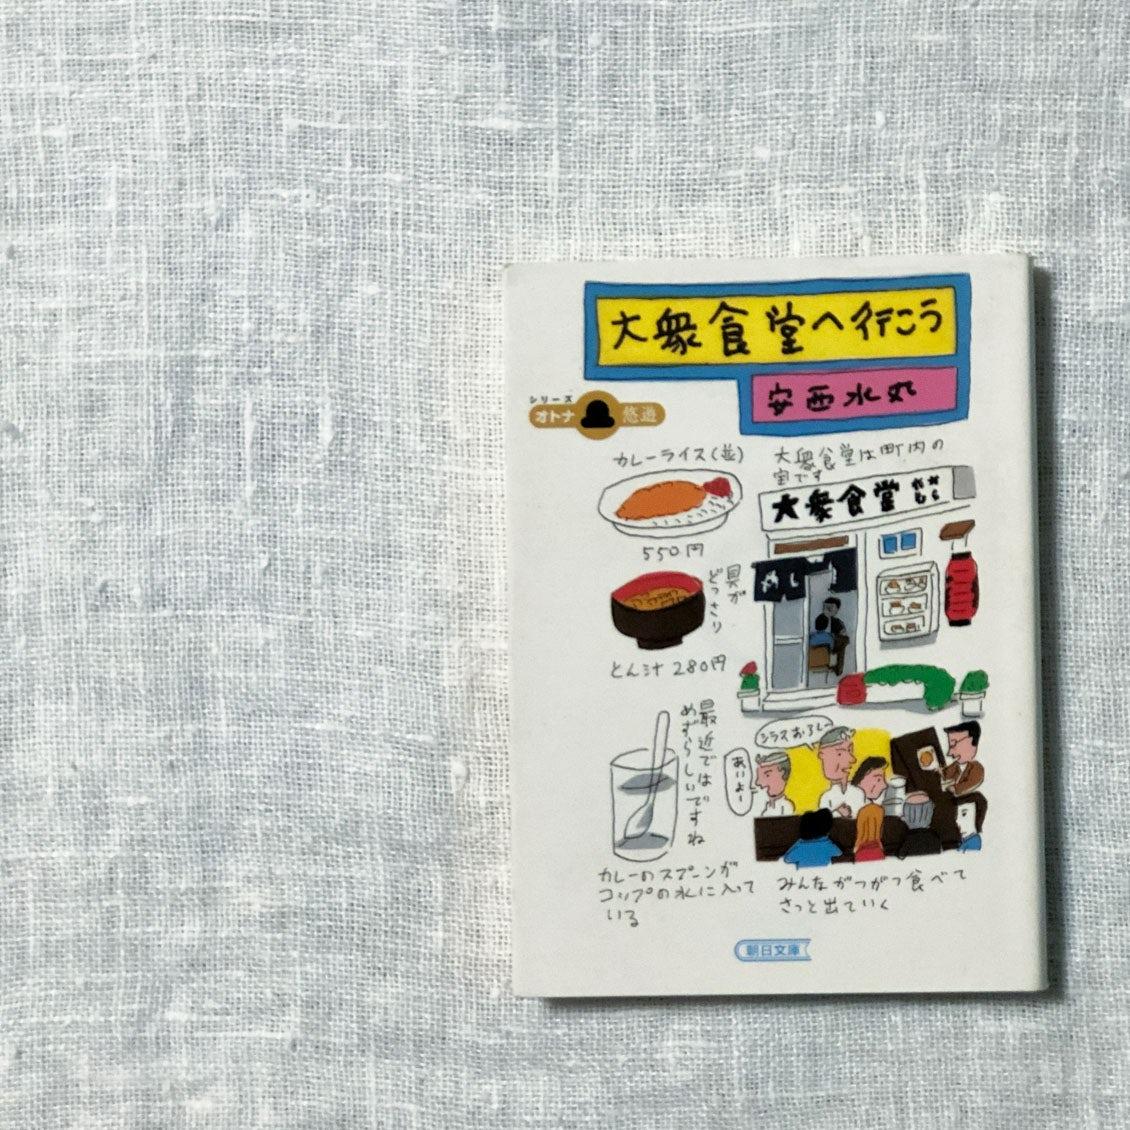 【わたしと本棚】読書家ではないわたしが、自分のペースで楽しめる本(雑貨店「hal」後藤由紀子さん)